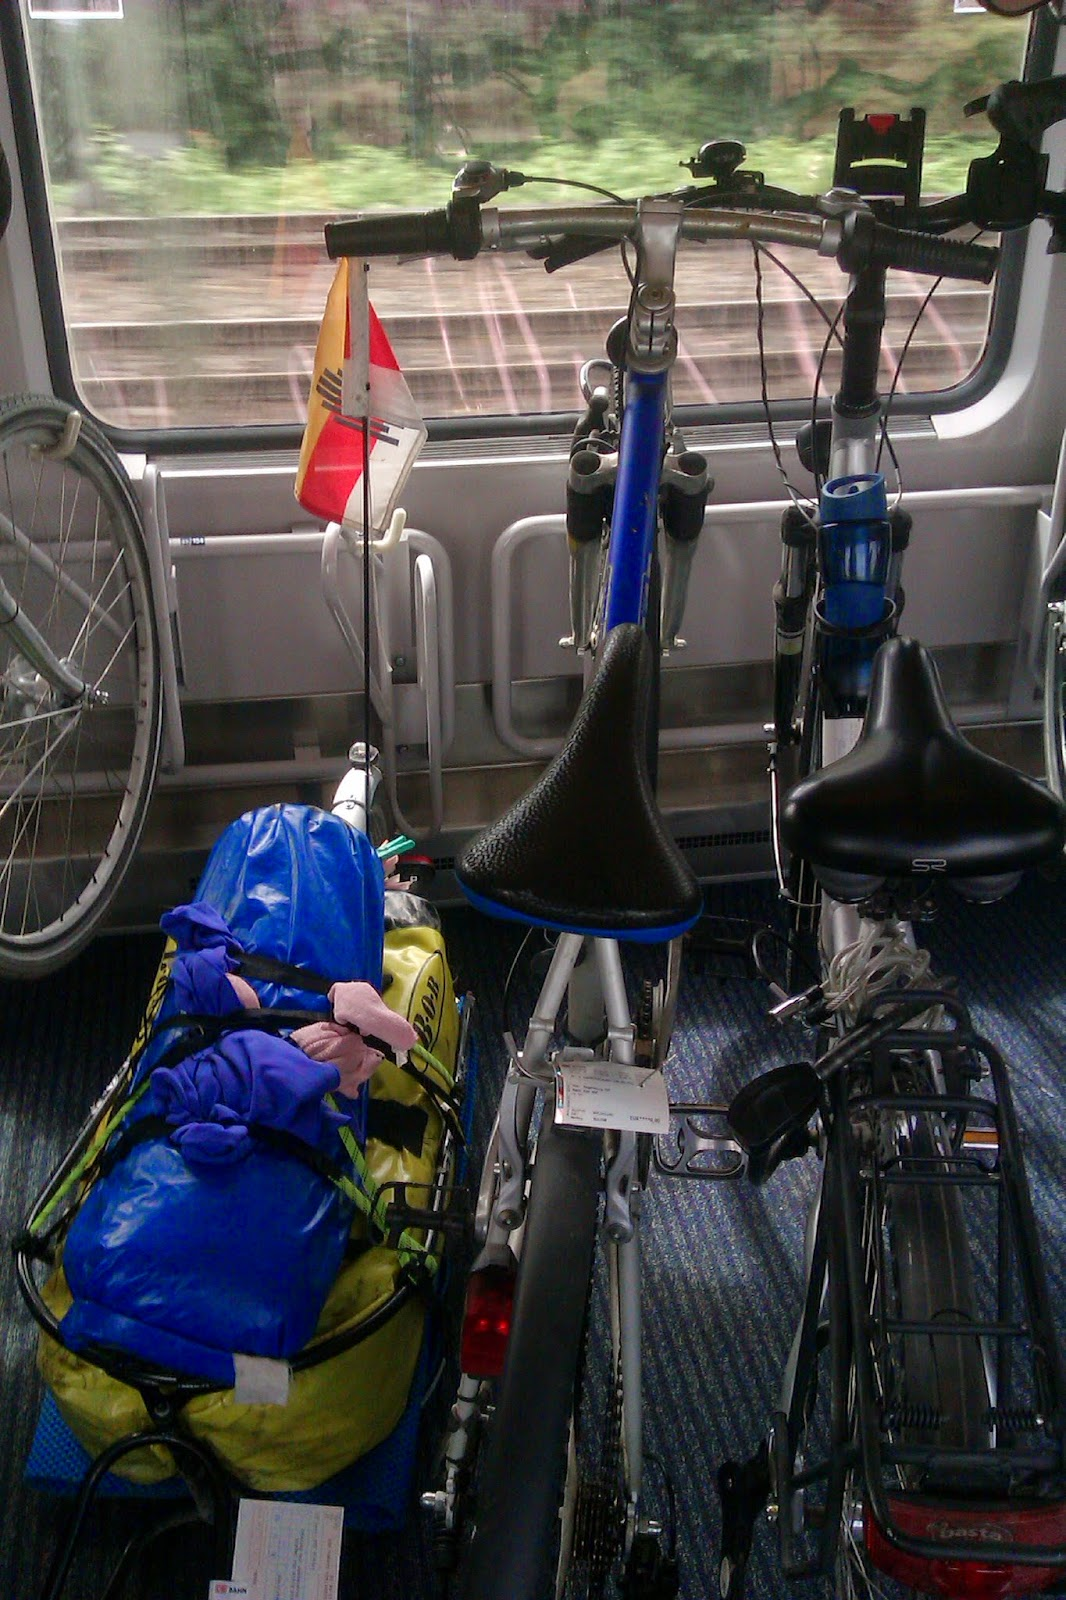 Moenchen Gladbach IC Bike fernzugticket